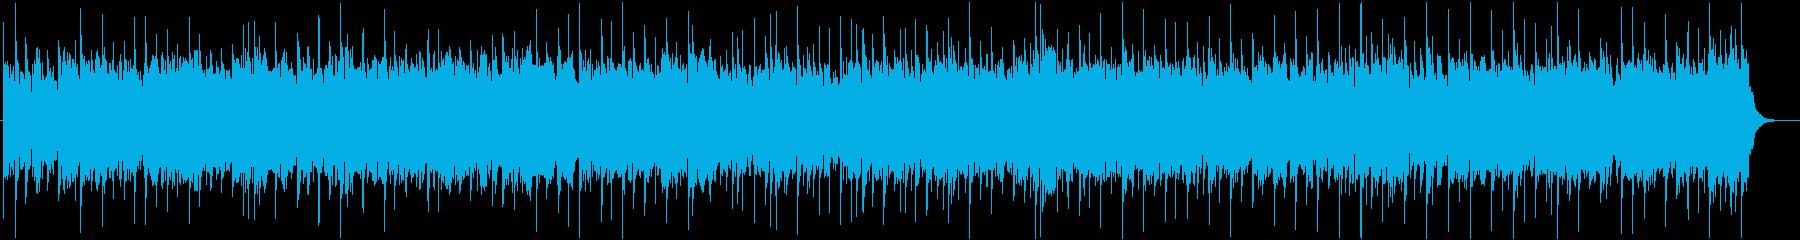 アップテンポでエッジの効いたロックの曲の再生済みの波形